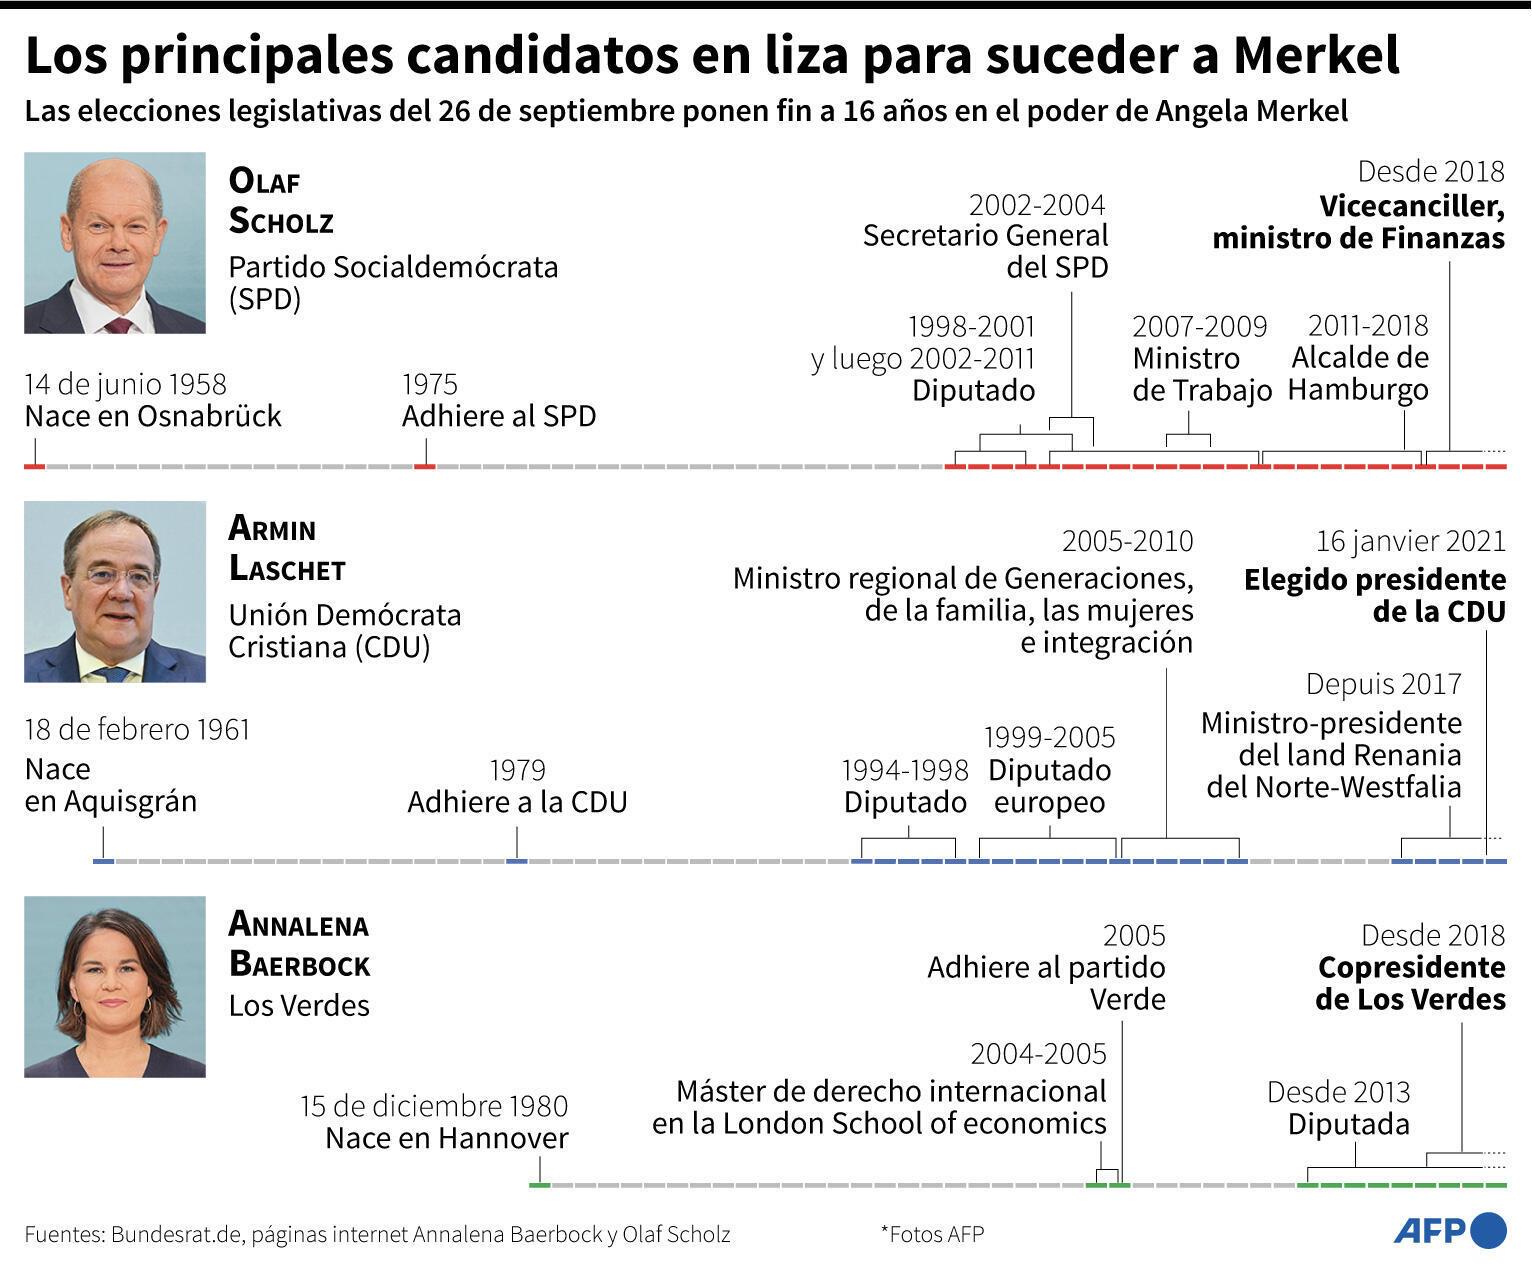 Los principales candidatos en liza para suceder a Angela Merkel en Alemania